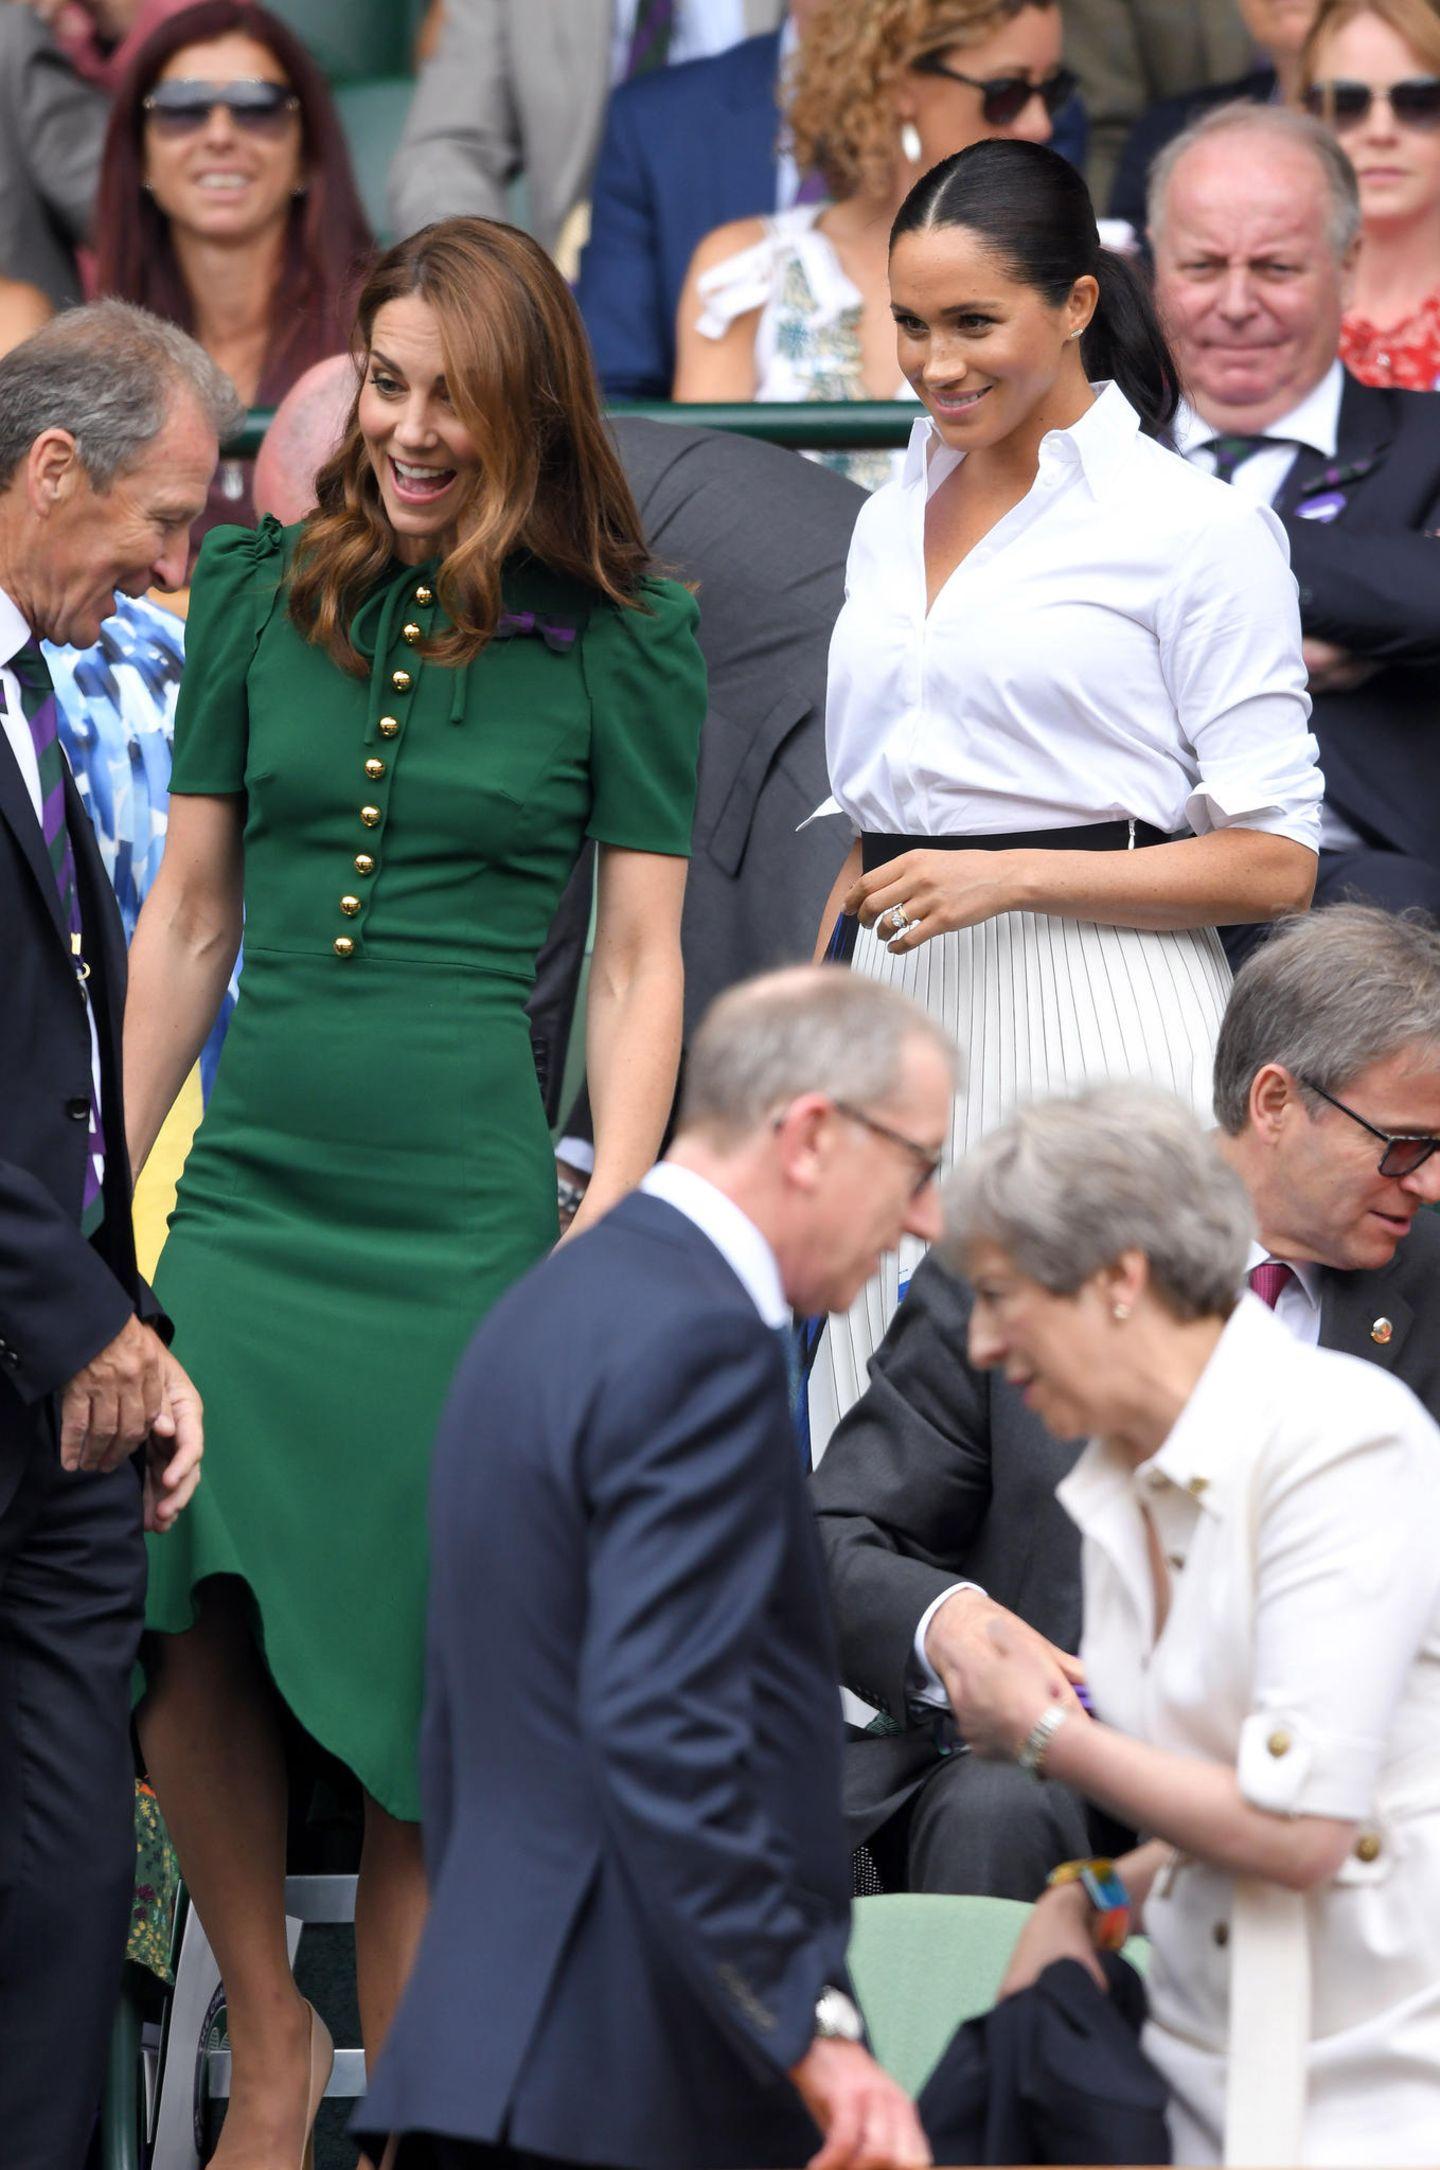 13. Juli 2019  Nächster PR-Versuch drei Tage später: Kate und Meghan erscheinen,wie im Jahr zuvor, beim Wimbledon-Turnier.Für Meghan ist es heute eine Herzensangelegenheit: Ihre enge Freundin Serena Williamssteht in der Endrunde und kämpft gegen Simona Halep um ihren achten Wimbledon-Titel.